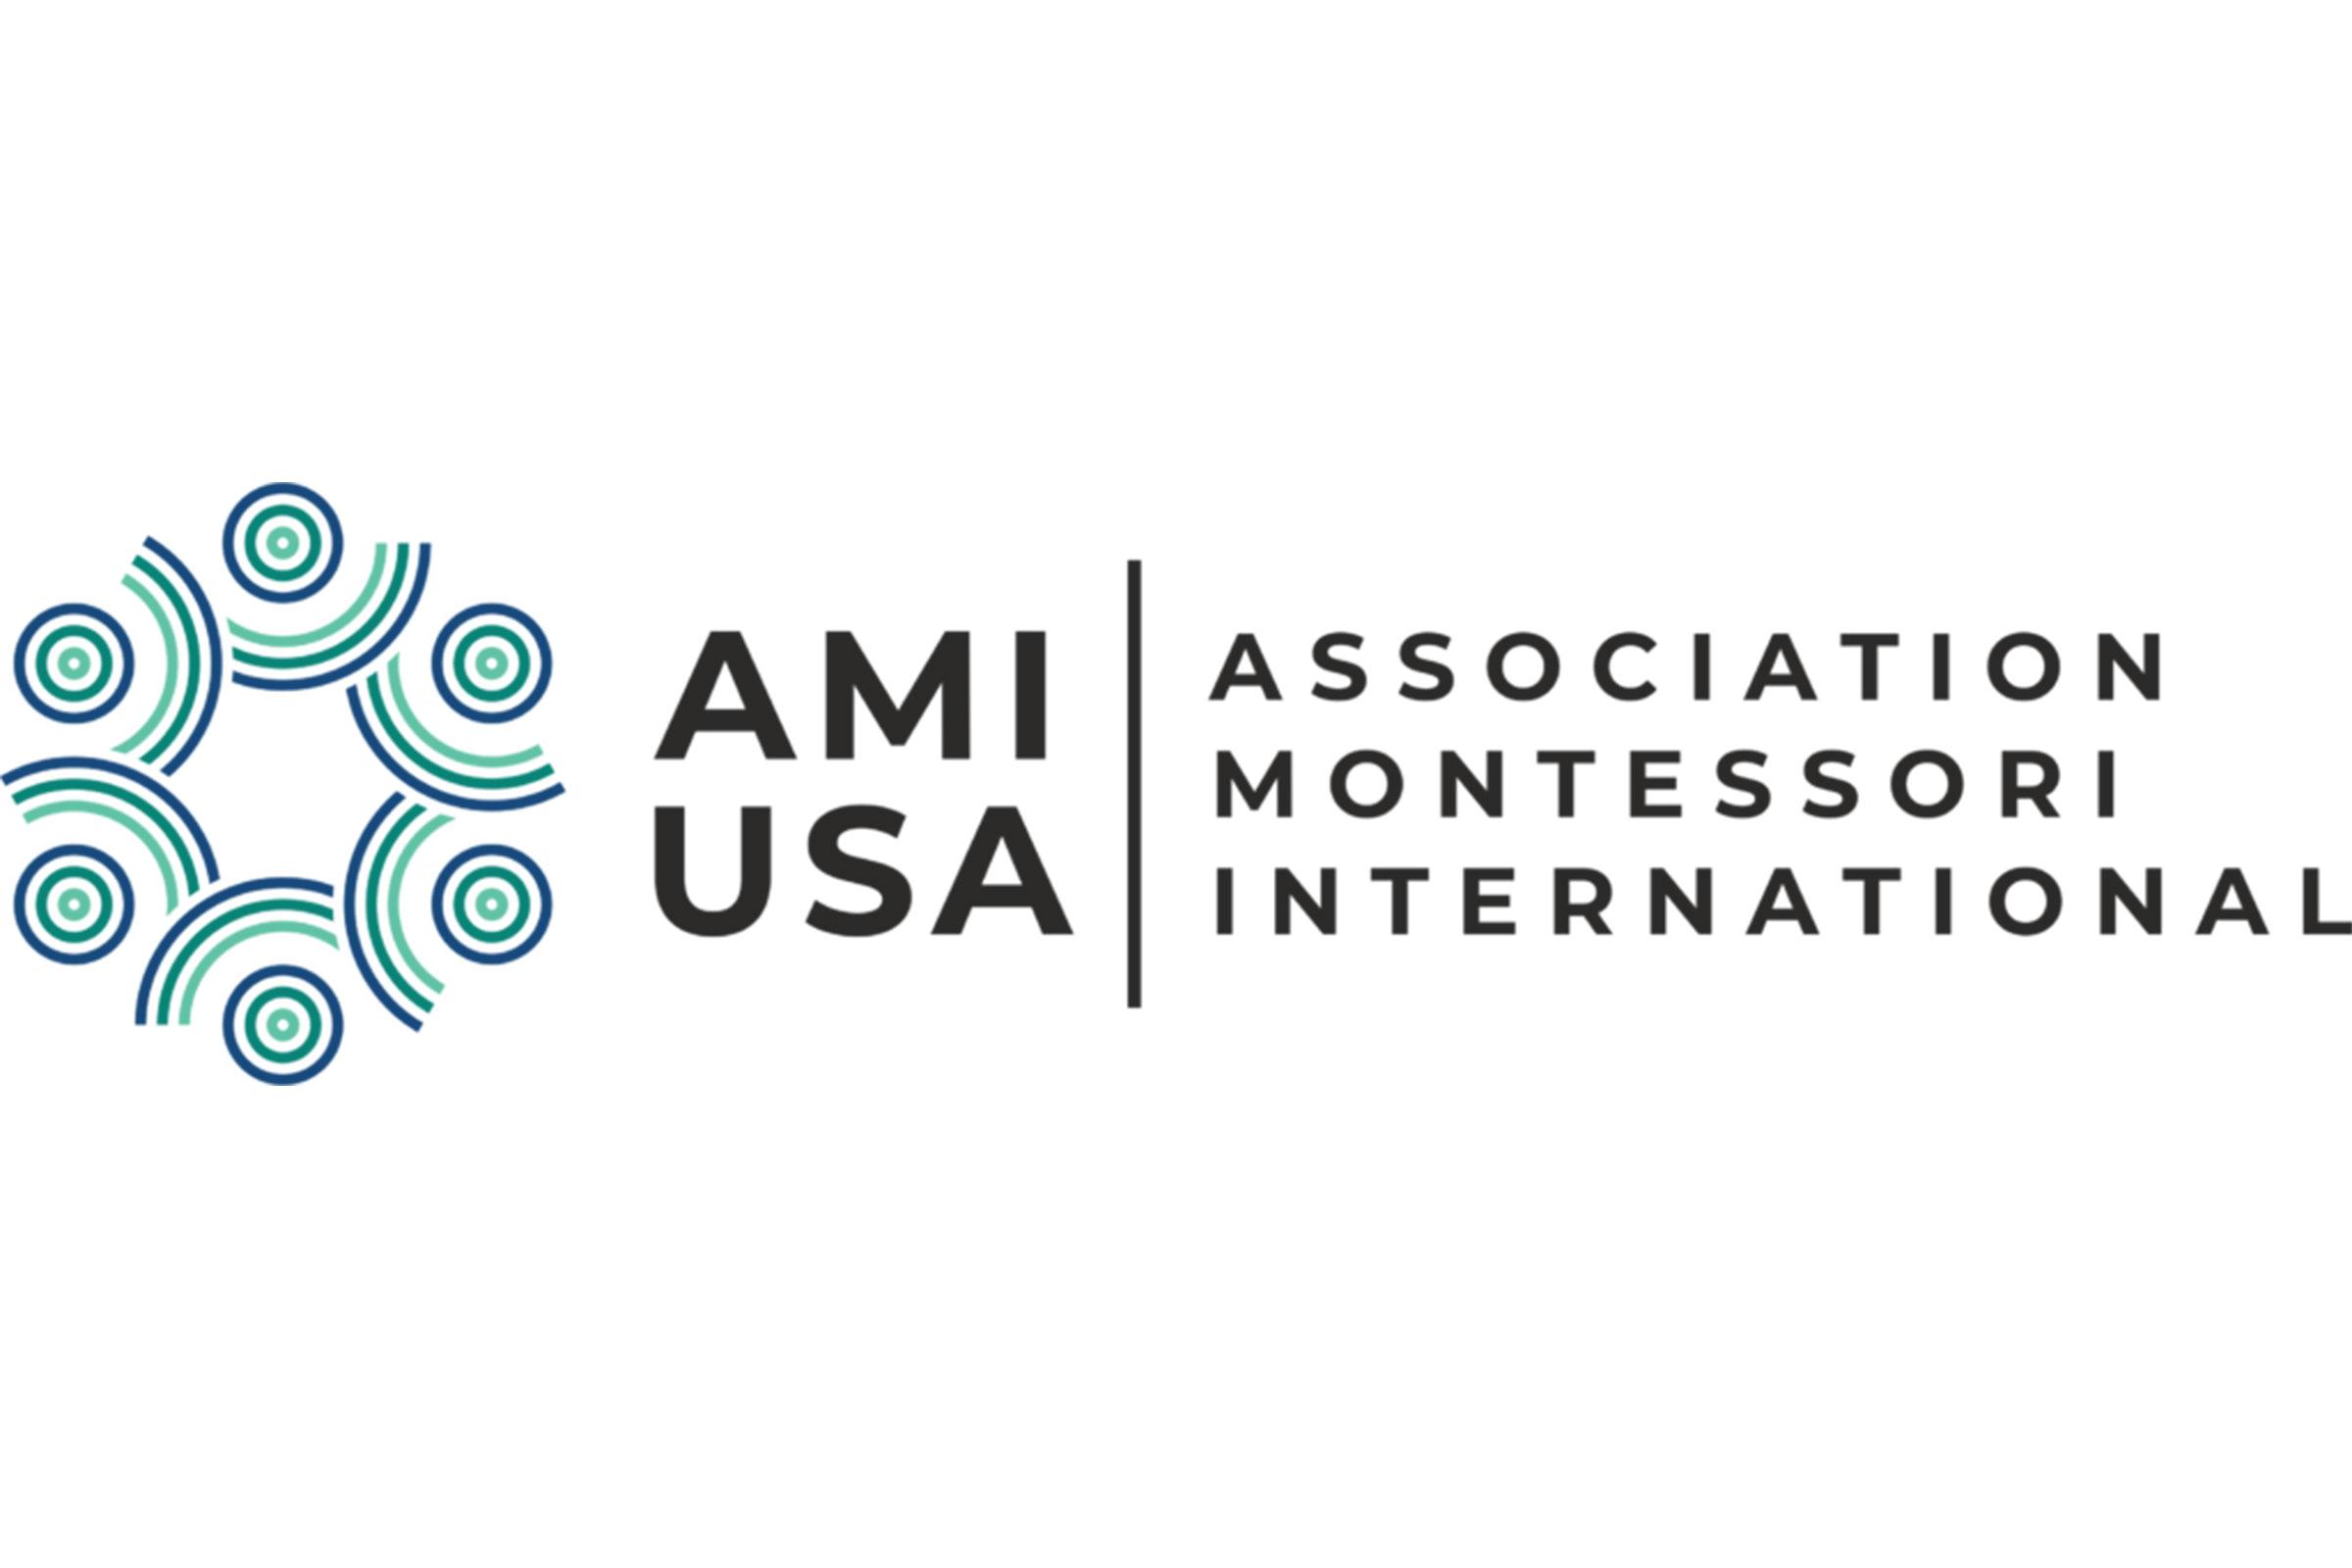 Association Montessori International / USA logo